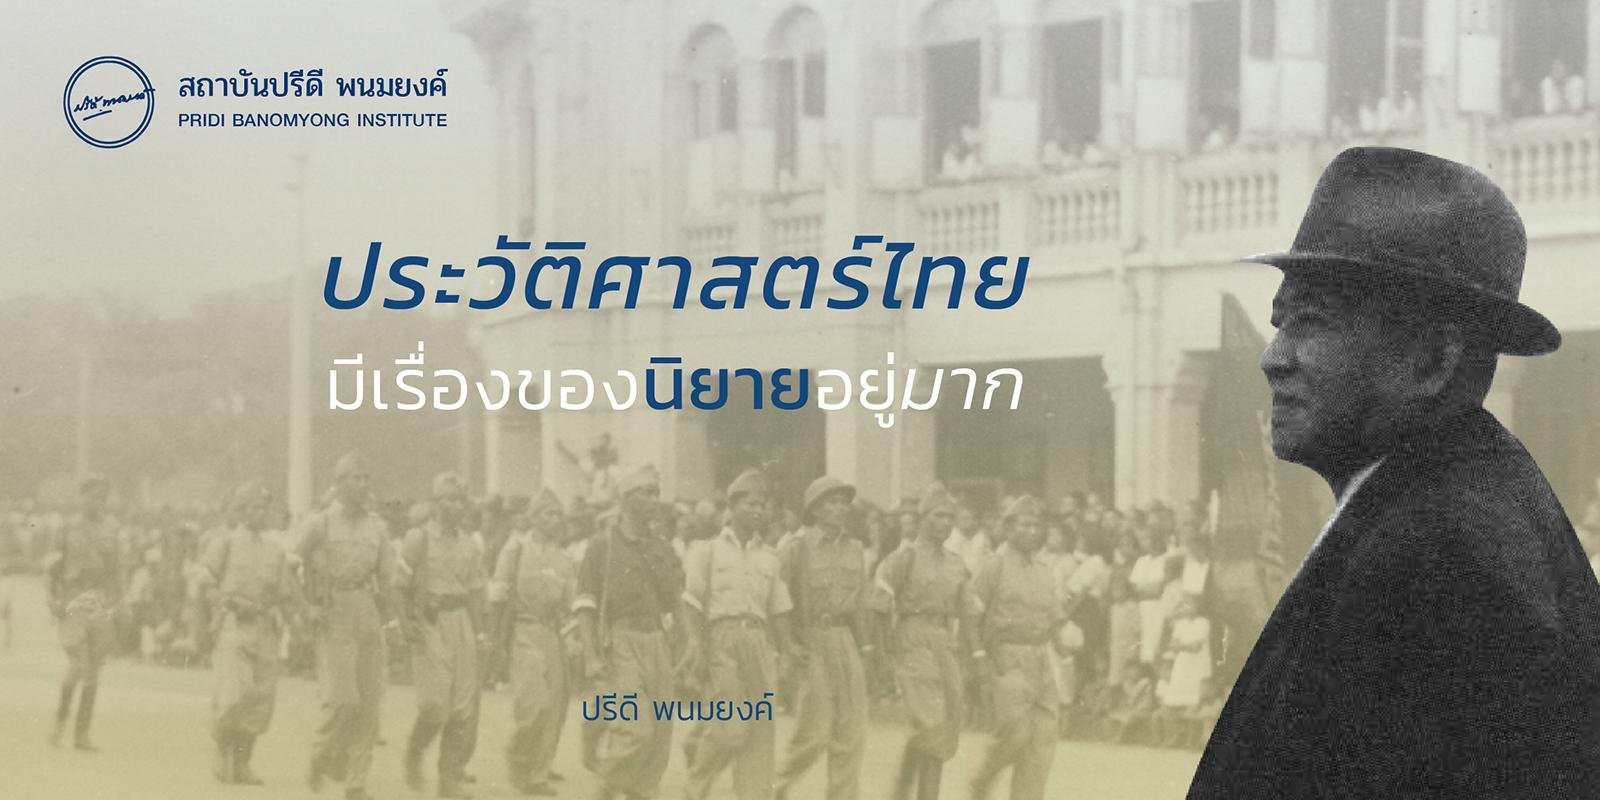 ประวัติศาสตร์ไทยมีเรื่องของนิยายอยู่มาก